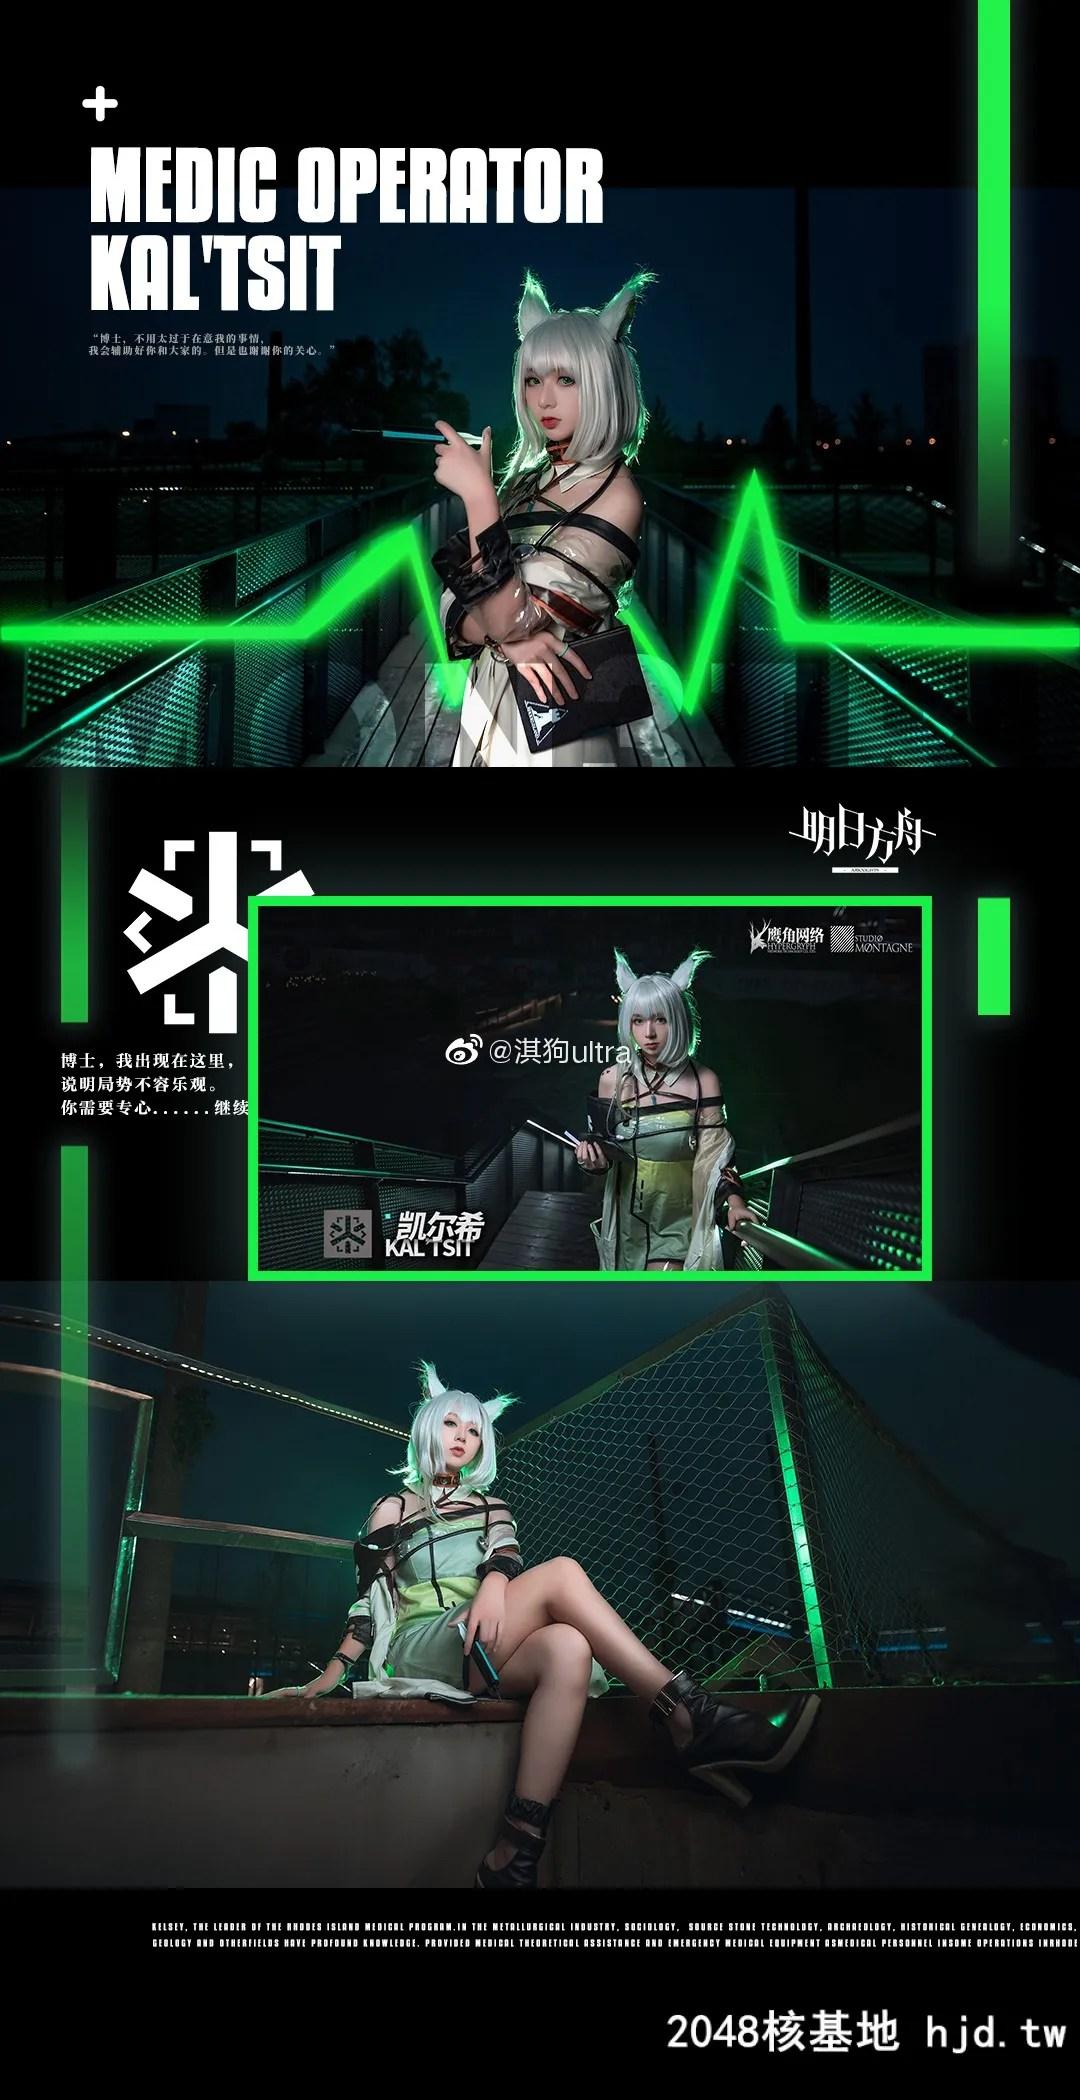 明日方舟凯尔希@淇狗ultra (9P)插图(1)